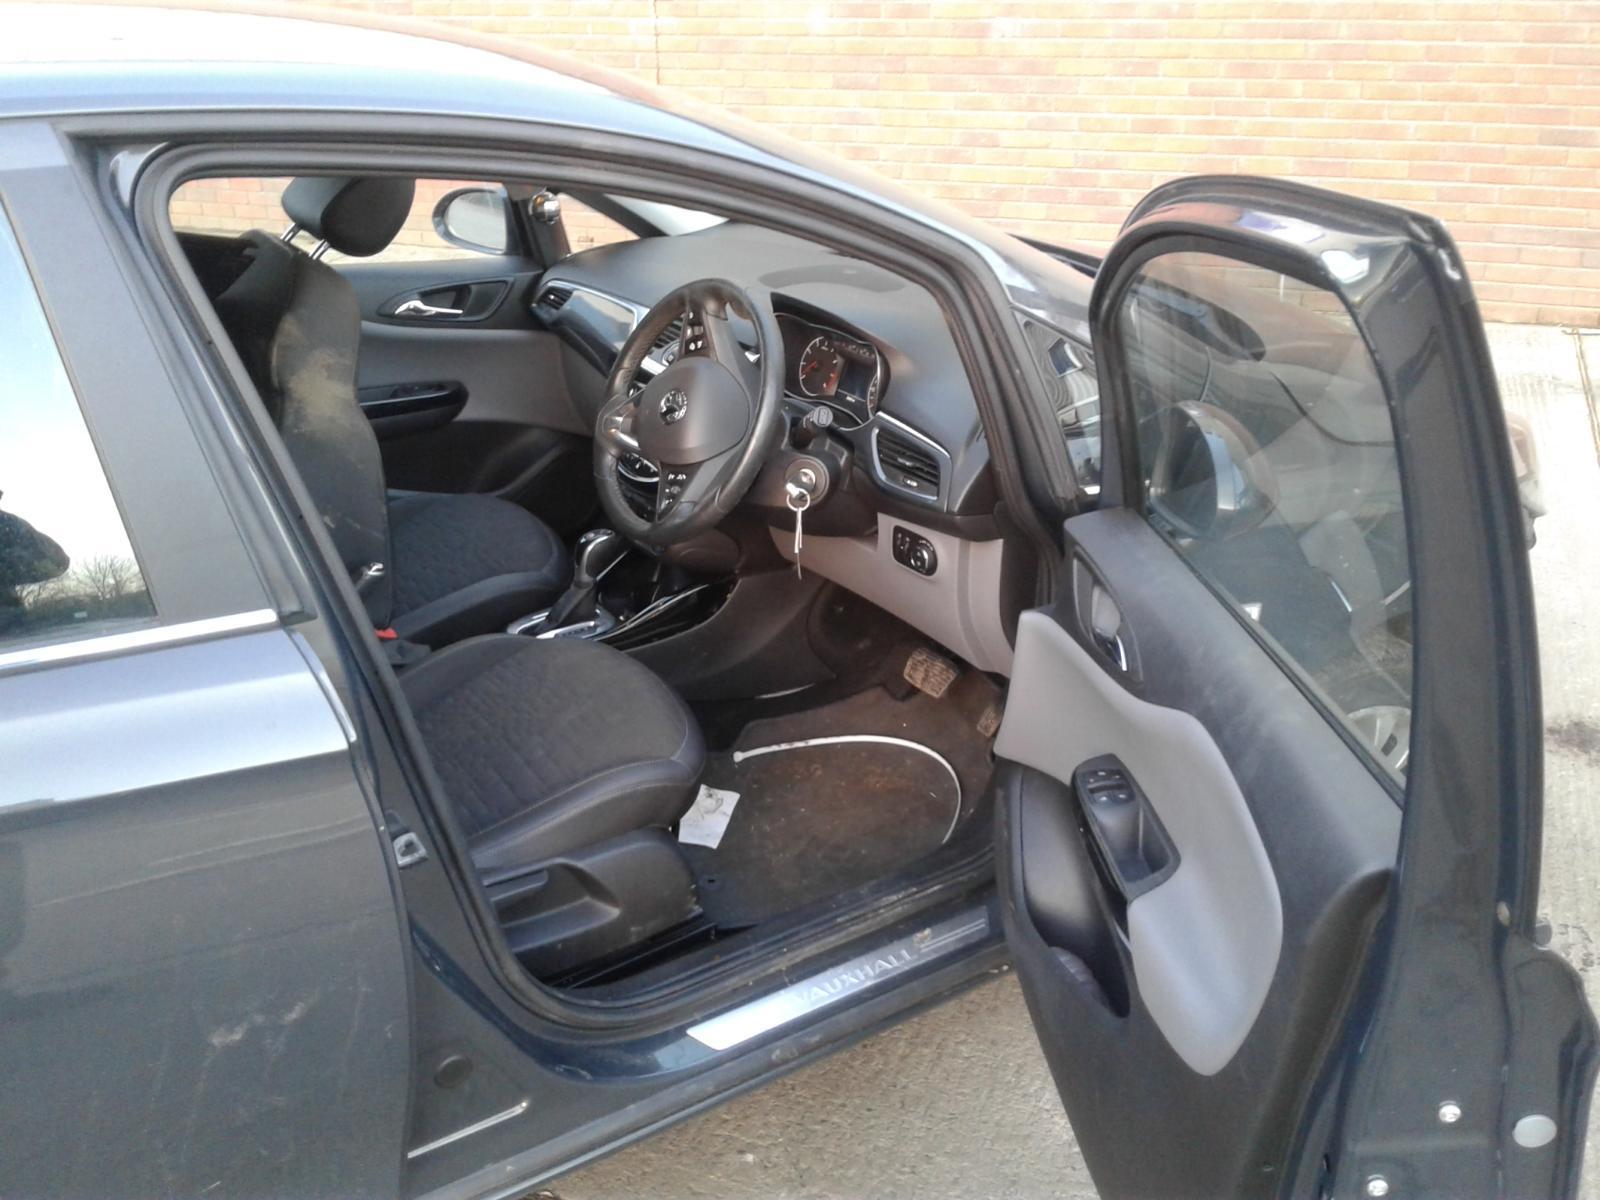 2015 Vauxhall CORSA SE Image